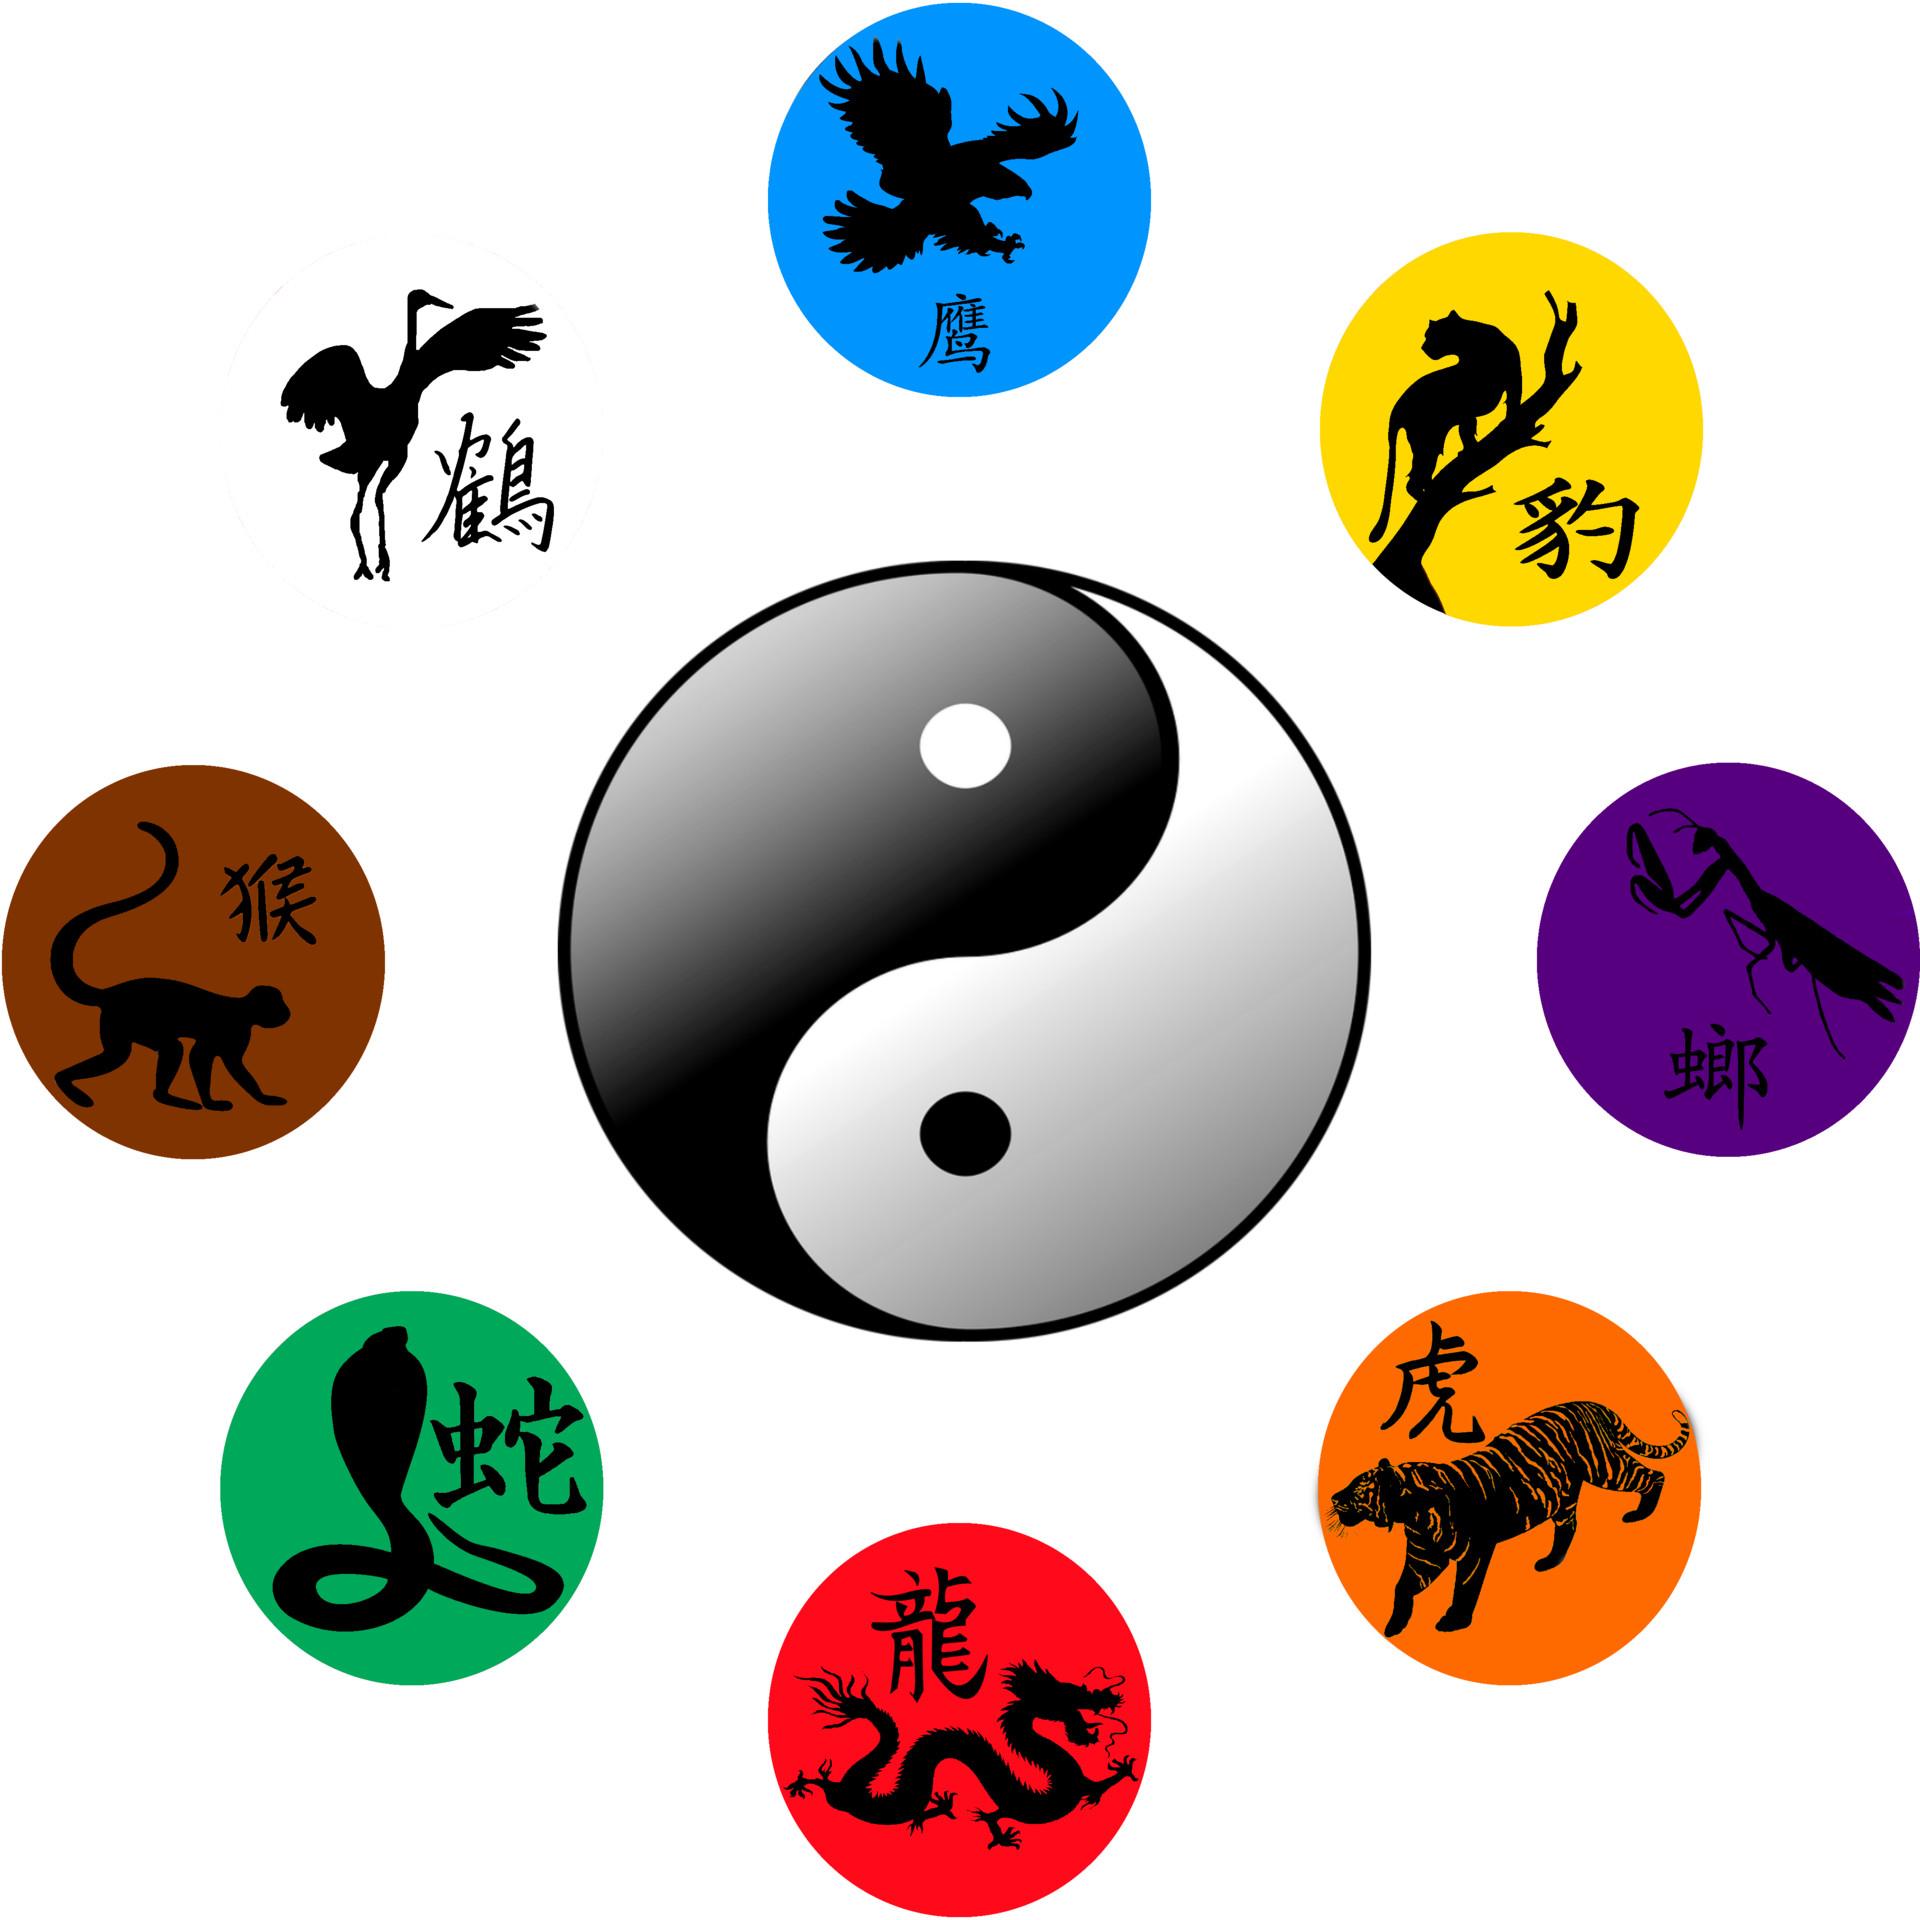 dragon kung fu.